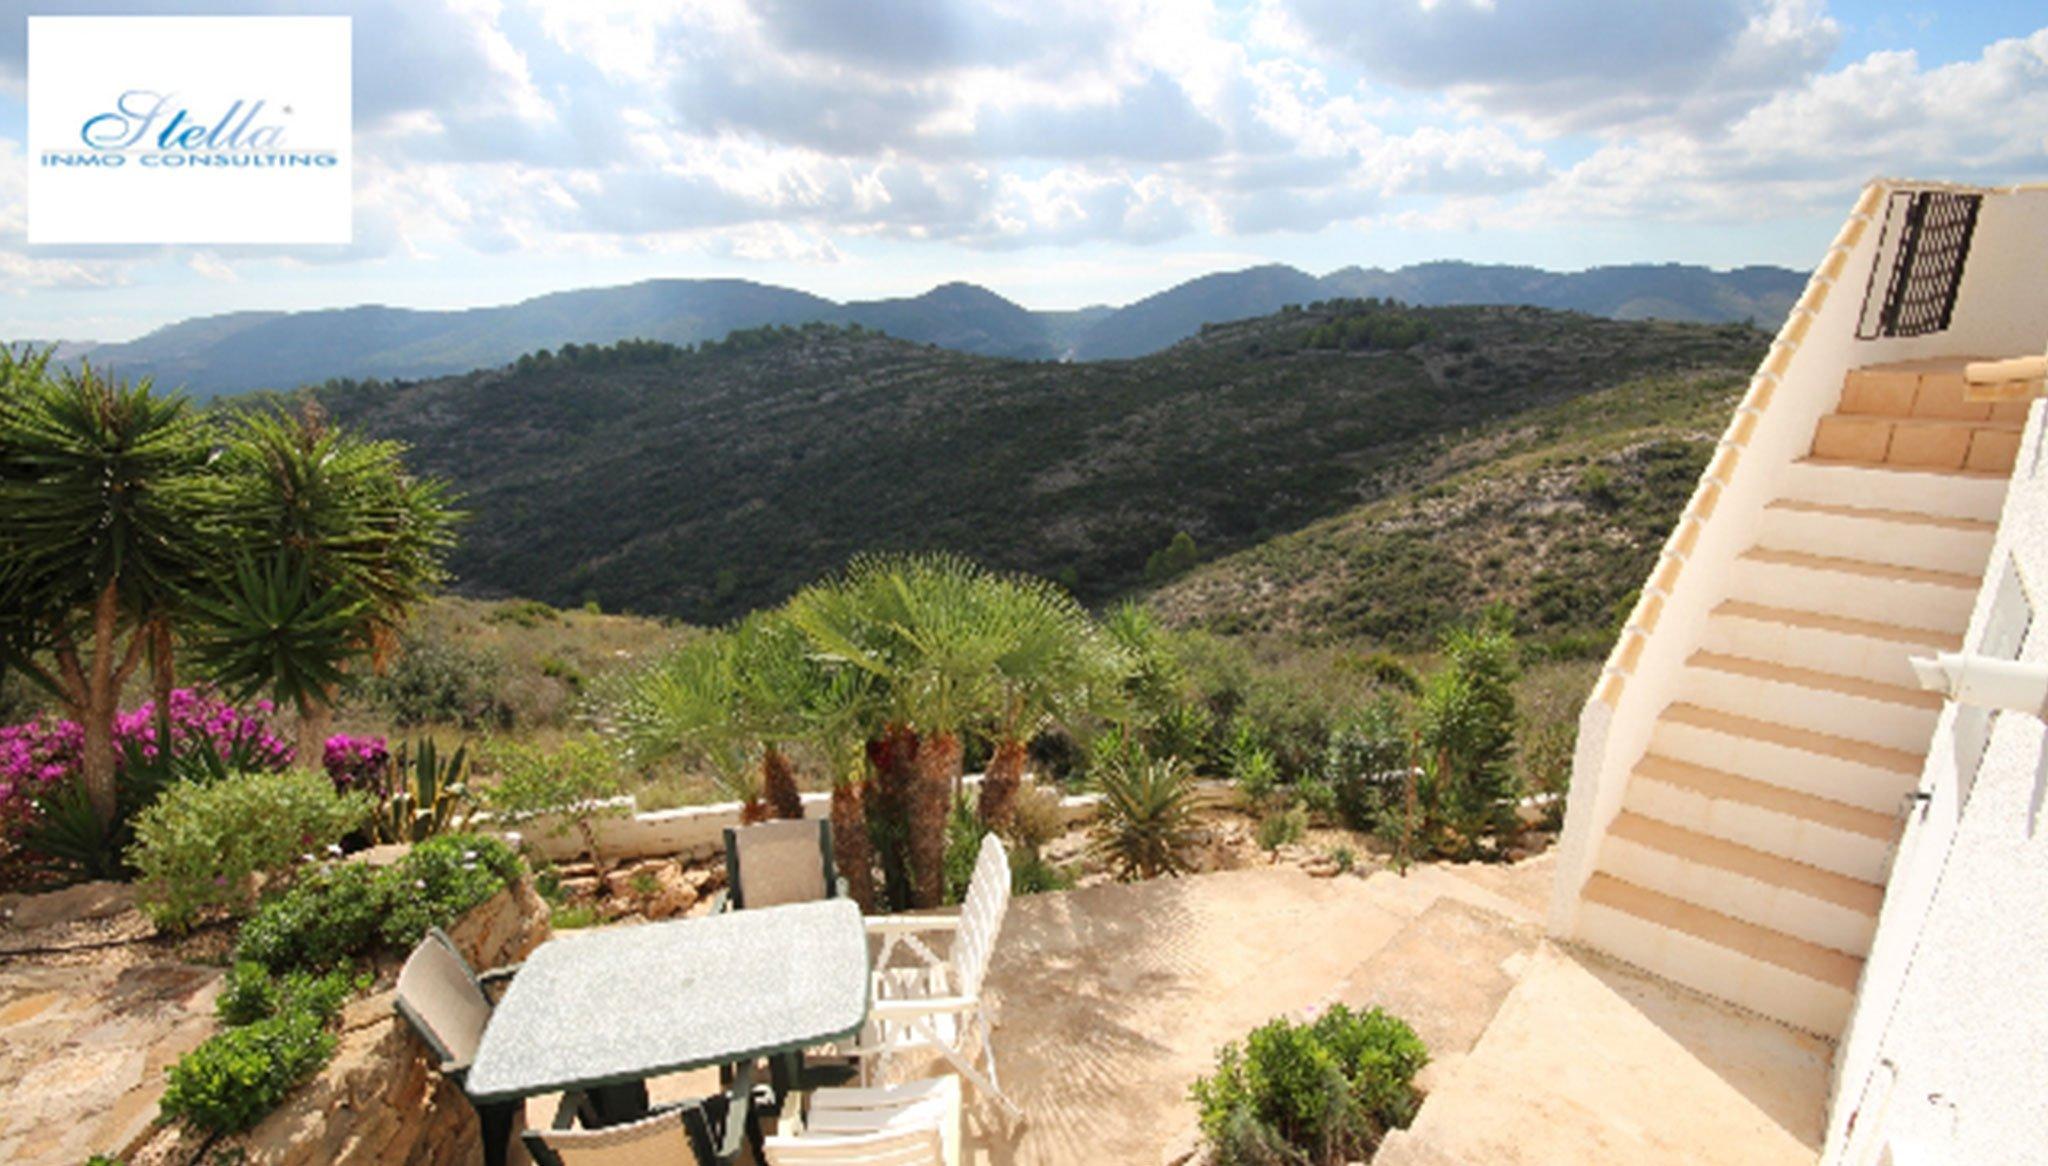 Terrazza in villetta in vendita a Monte Pedreguer - Stella Inmo Consulting